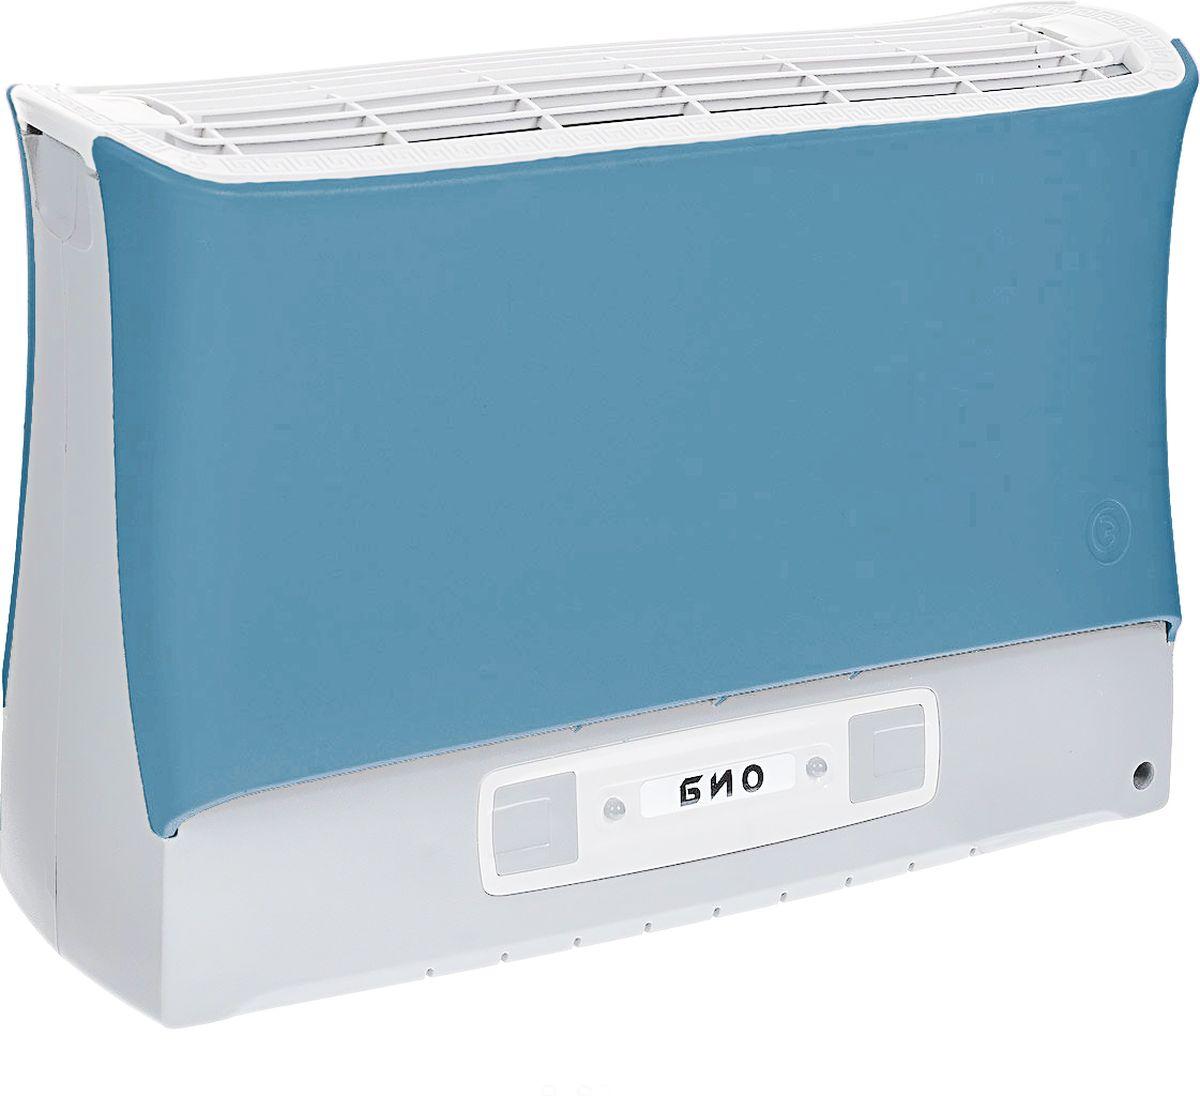 """Супер Плюс Био очиститель воздуха, цвет синийСупер-Плюс-Био синийВоздухоочиститель Супер Плюс Био состоит из двух основных частей: корпуса, и кассеты. Кассета в прибор вставляется сверху и фиксируется защелками. На передней части прибора расположена панель управления прибором. Рекомендуемое рабочее положение прибора - вертикальное.Работа прибора основана на принципе ионного ветра, который возникает в результате коронного разряда и обеспечивает движение потока воздуха через кассету прибора, при этом частицы аэрозоля (пыль, дым, микроорганизмы), загрязняющие воздух, всасываются вместе с воздухом в кассету приобретая электрический заряд и под действием электростатического поля прилипают к осадительным пластинам, расположенным внутри кассеты.Воздух, проходящий через кассету, дополнительно обрабатывается озоном, образующимся в зоне коронного разряда, его количество заметно меньше предельно допустимой концентрации, но все же достаточно для того, чтобы в помещении, в котором работает прибор, уничтожались неприятные запахи, подавлялась жизнедеятельность болезнетворных микробов, спор грибков, плесени.Воздухоочиститель имеет пять режимов работы, которые отличаются друг от друга соотношением периодов """"работы"""" и """"отдыха"""" прибора, а также скоростью воздушного потока, это позволяет наиболее эффективно использовать прибор в помещениях разного объема.Также воздухоочиститель имеет электронную систему контроля состояния кассеты, которая информирует о необходимости чистки воздухоочистителя или об отсутствии или неправильной установке кассеты в приборе."""